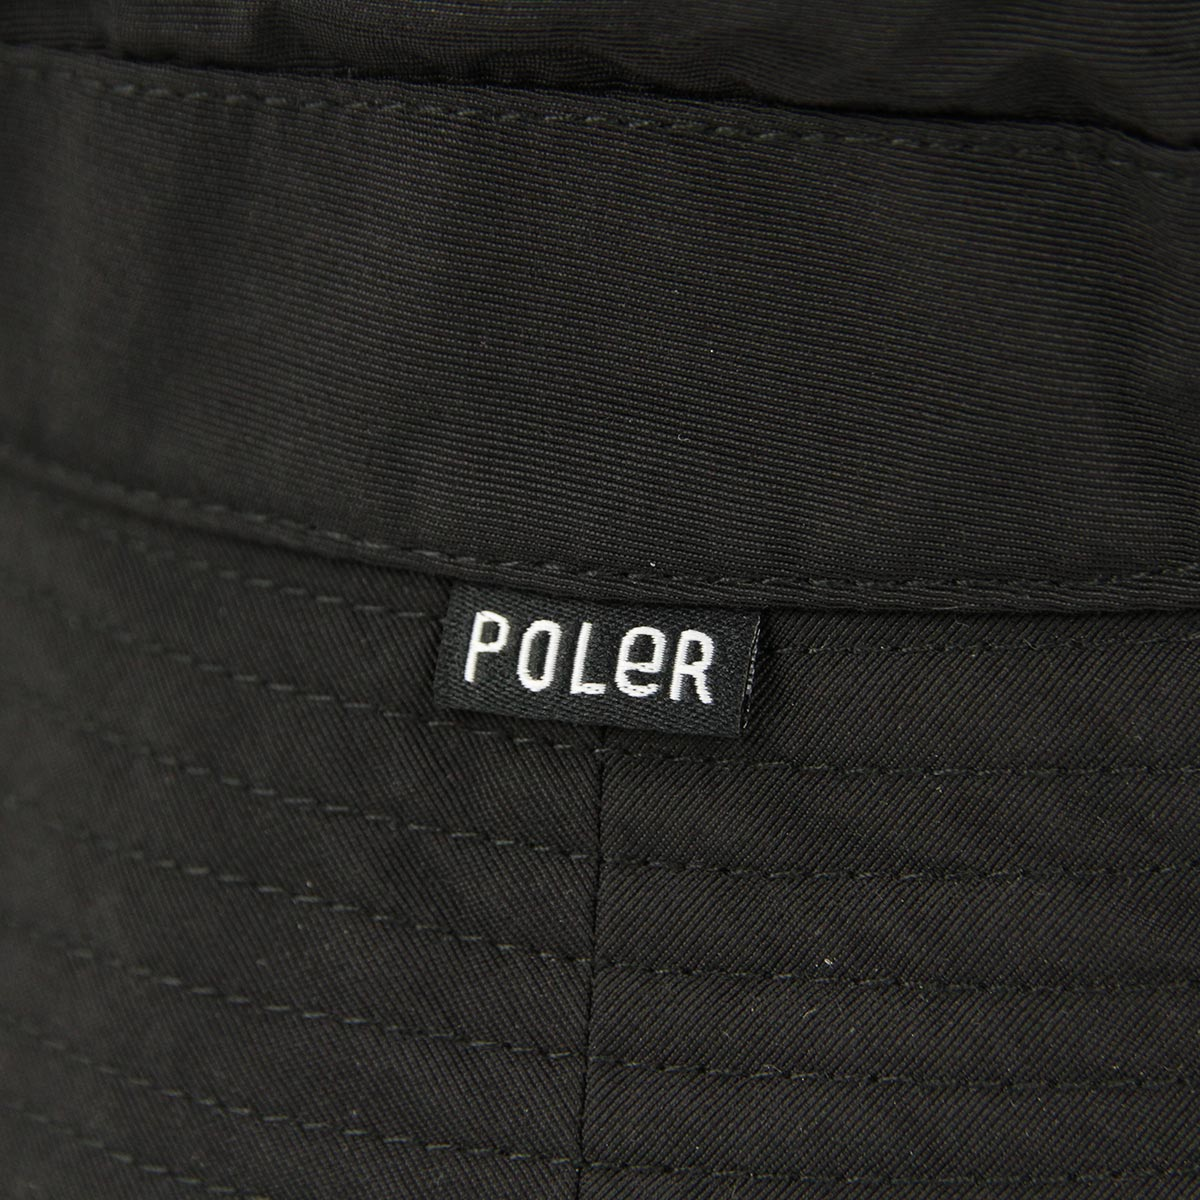 poler_6